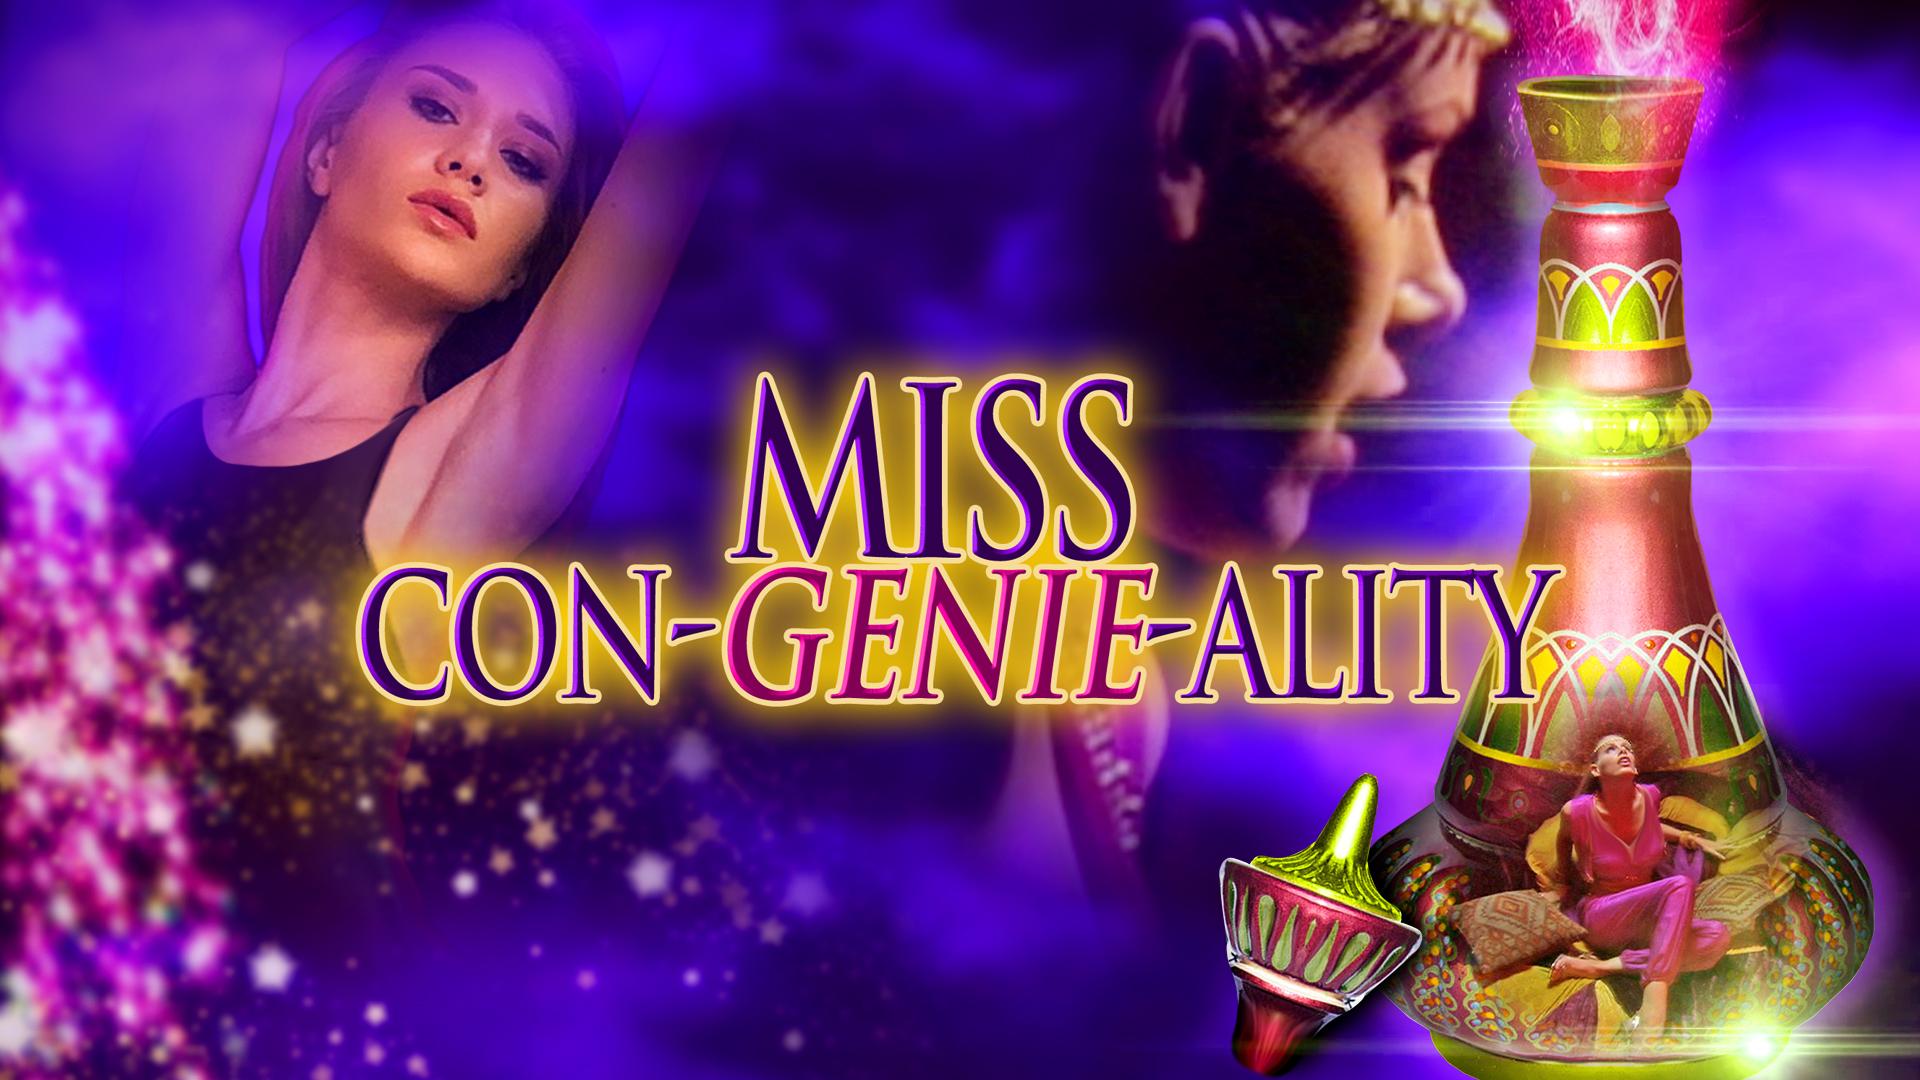 Miss Con-Genie-Ality